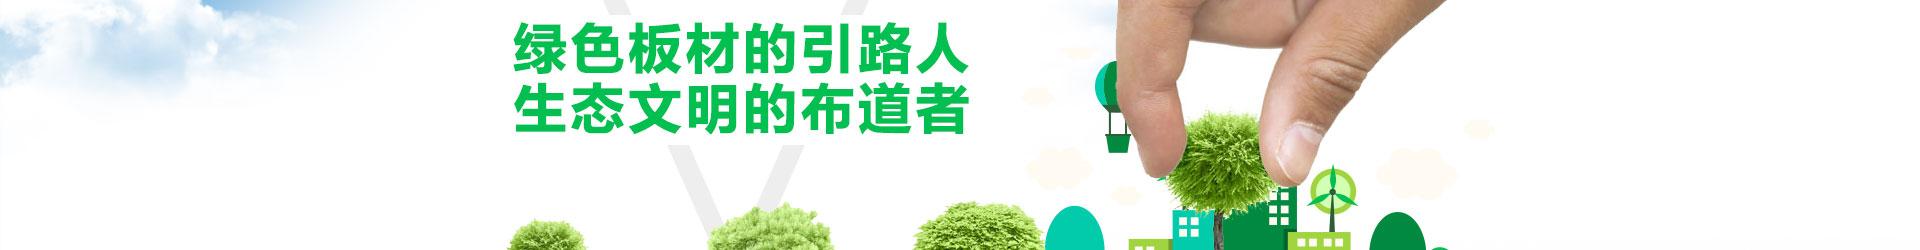 广西ManBetX官网苹果ManBetX安卓官网